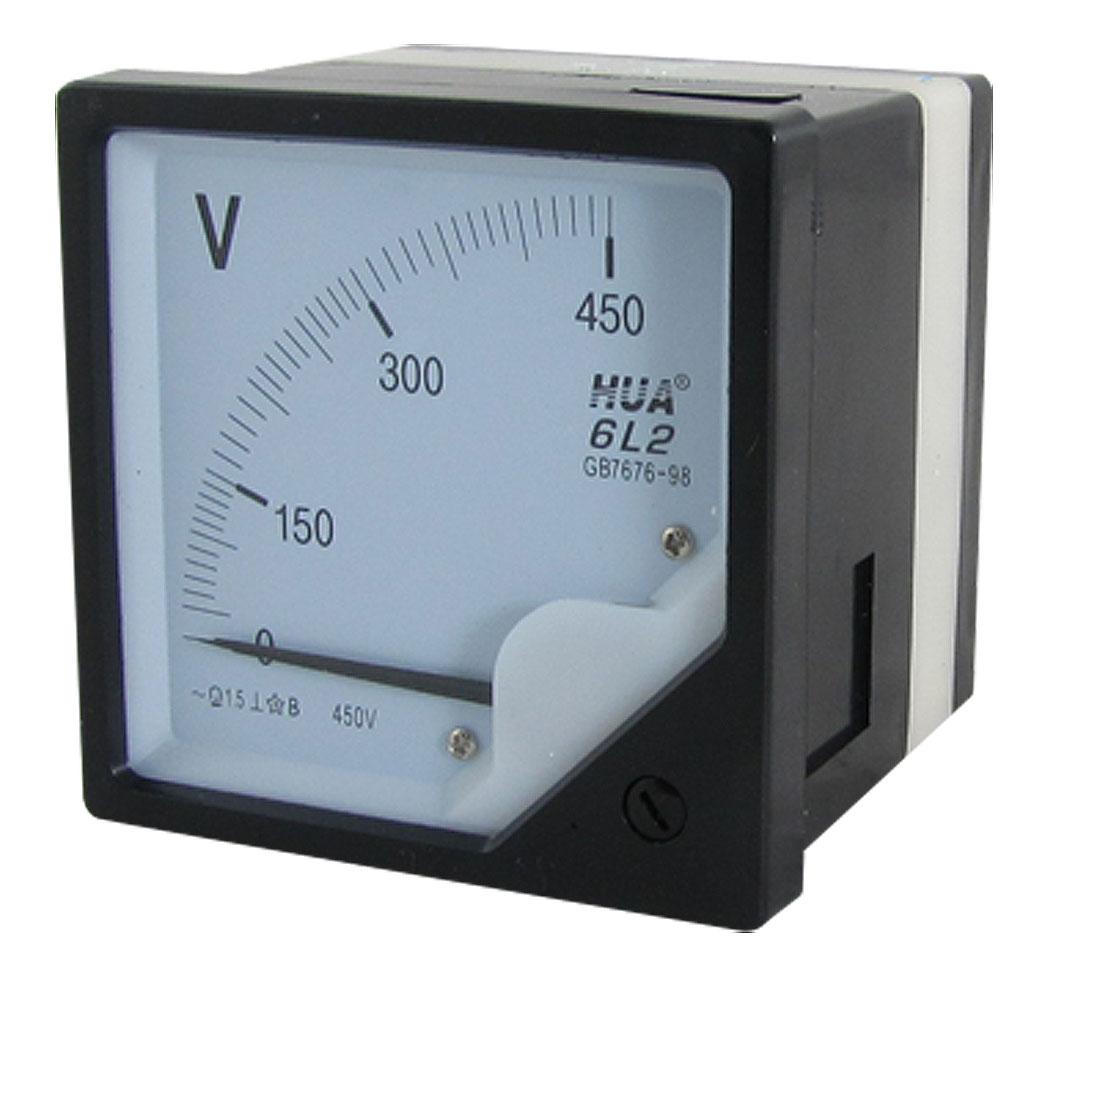 Square Panel AC 0-450V Volt Voltmeter Panel Meter Gauge